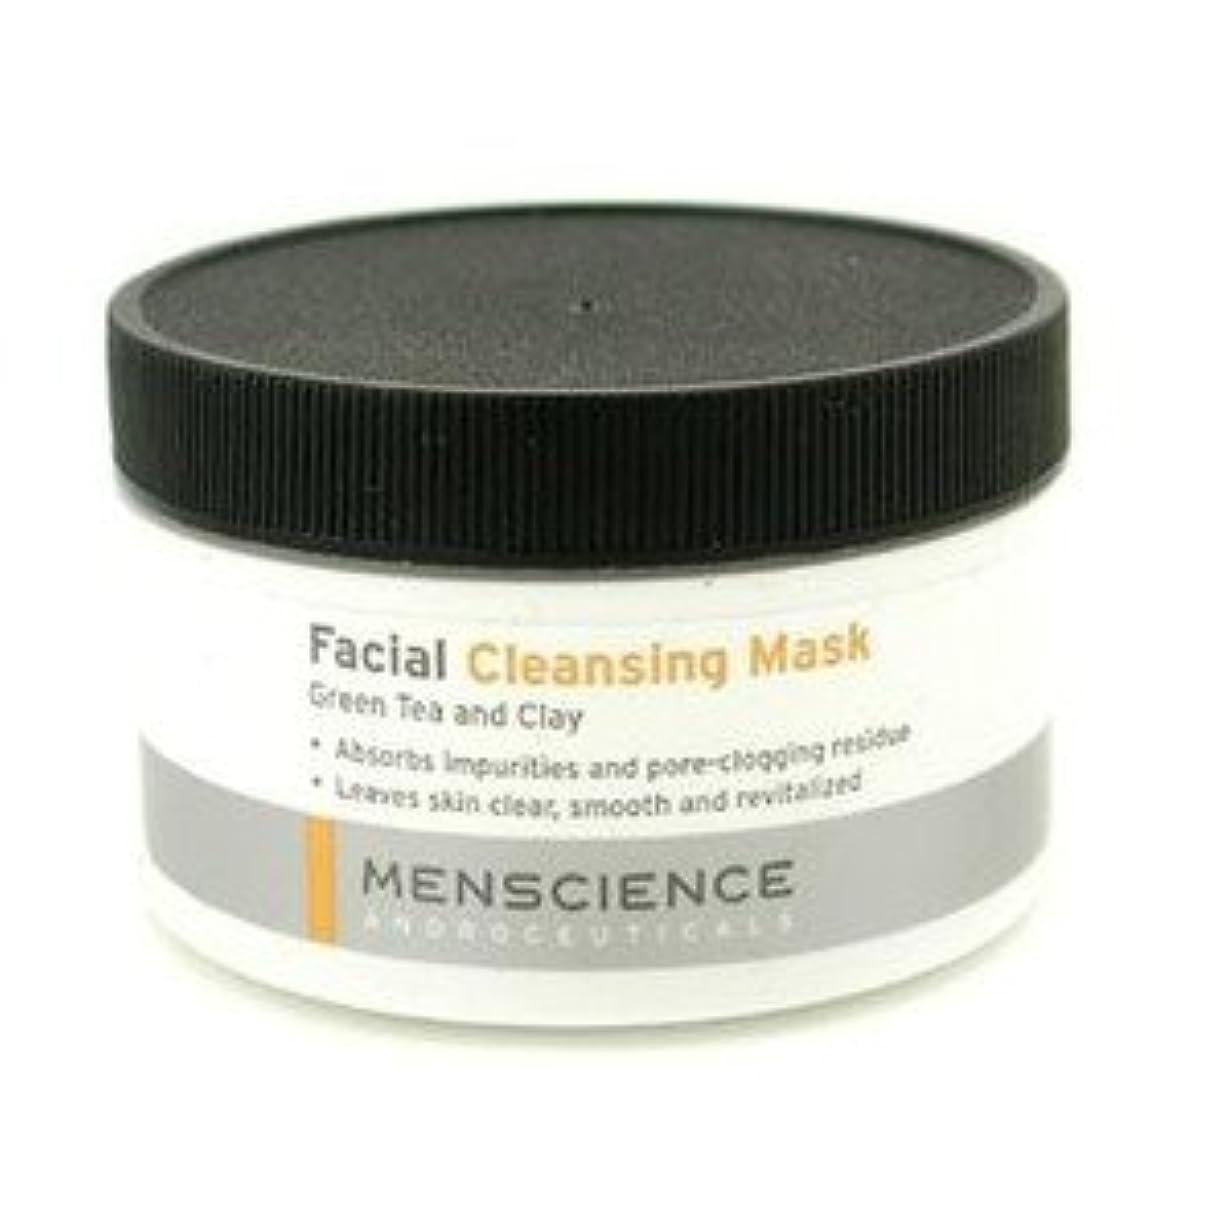 液化するシガレットほのかMenScience フェーシャル クリーニング マスク - グリーンティー&クレイ 90g/3oz [並行輸入品]